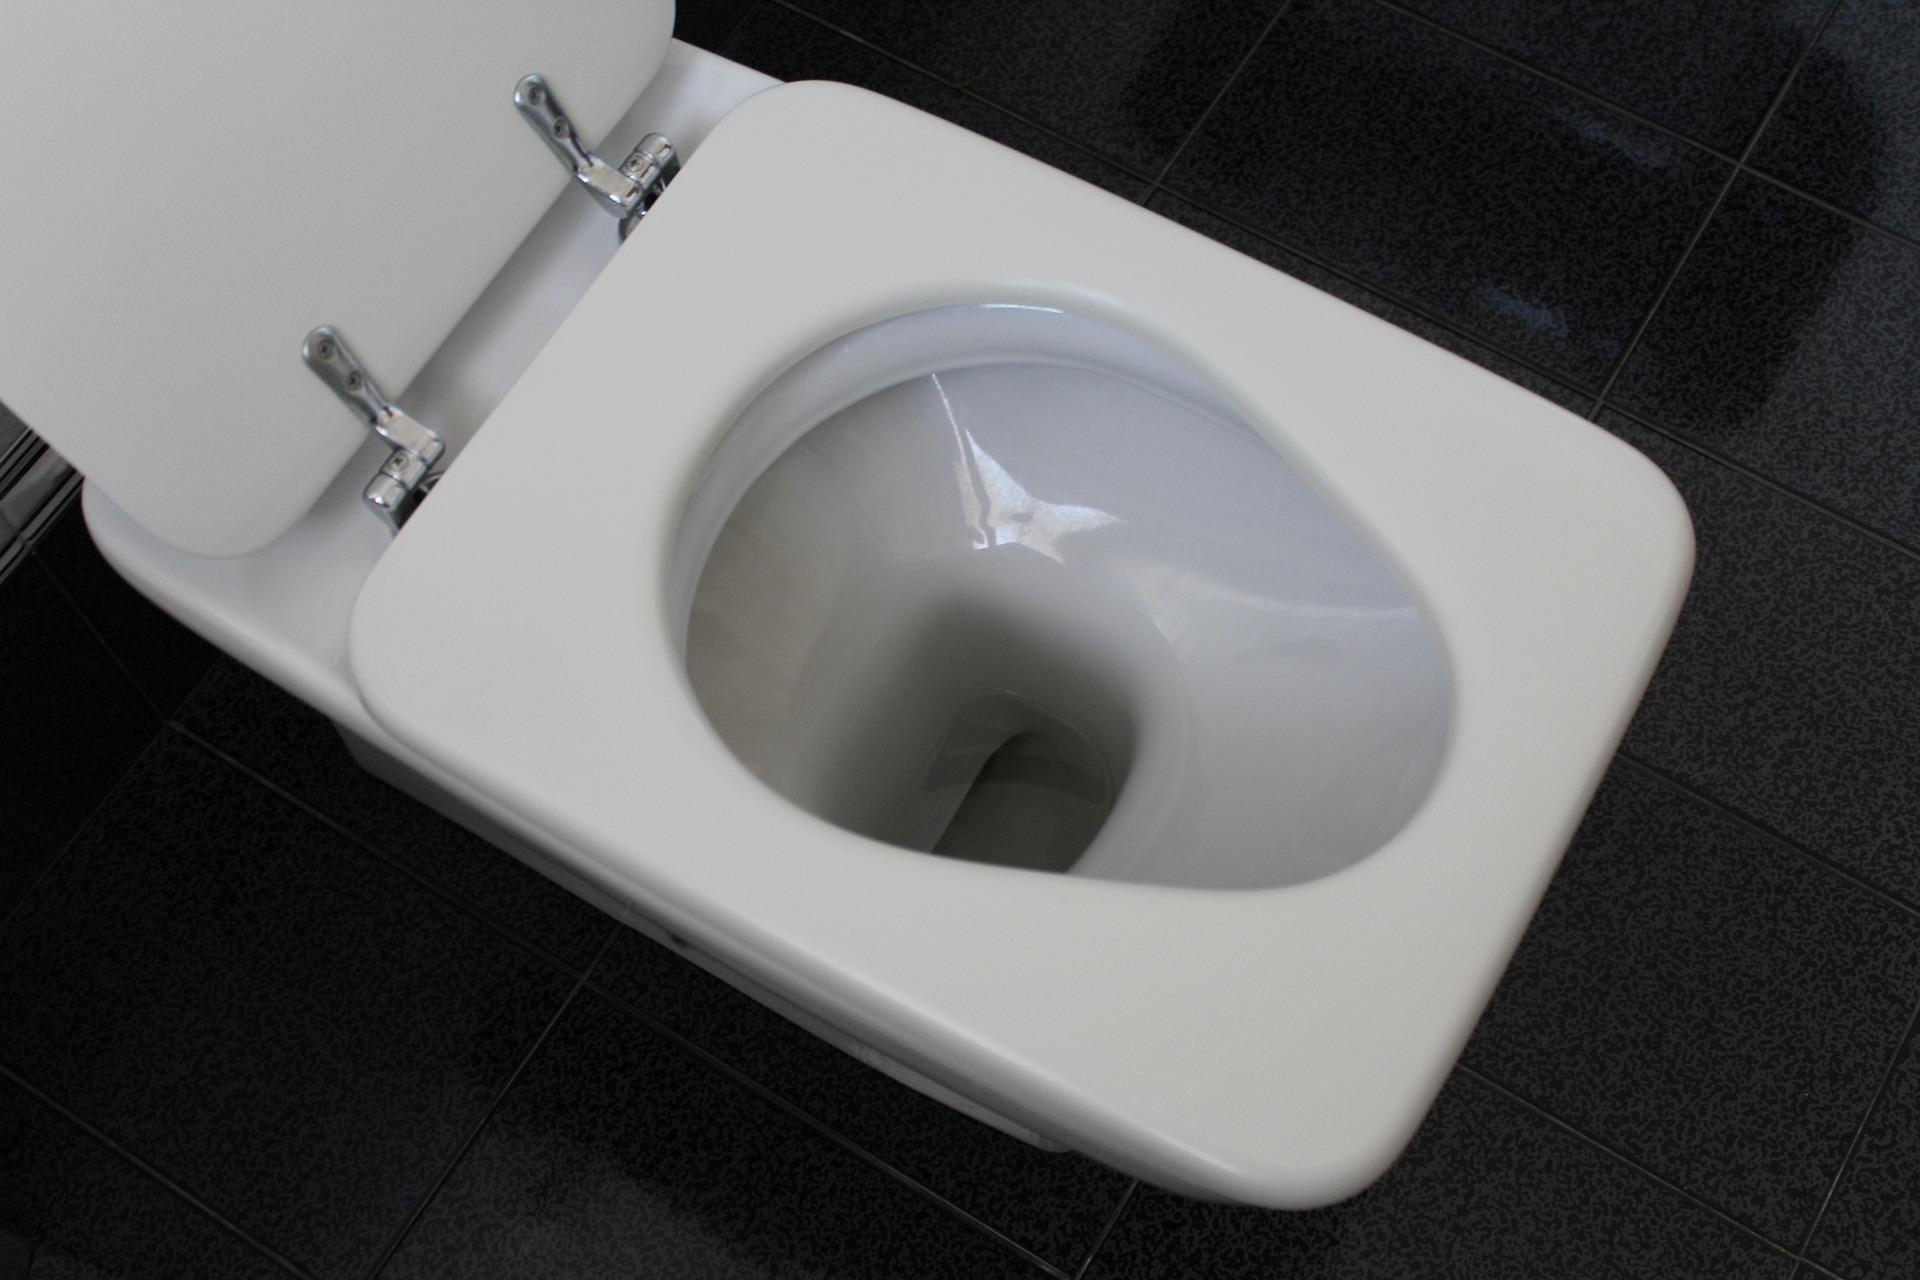 toilette verstopft wie p mpel und pet flasche f r erl sung sorgen wohnen. Black Bedroom Furniture Sets. Home Design Ideas